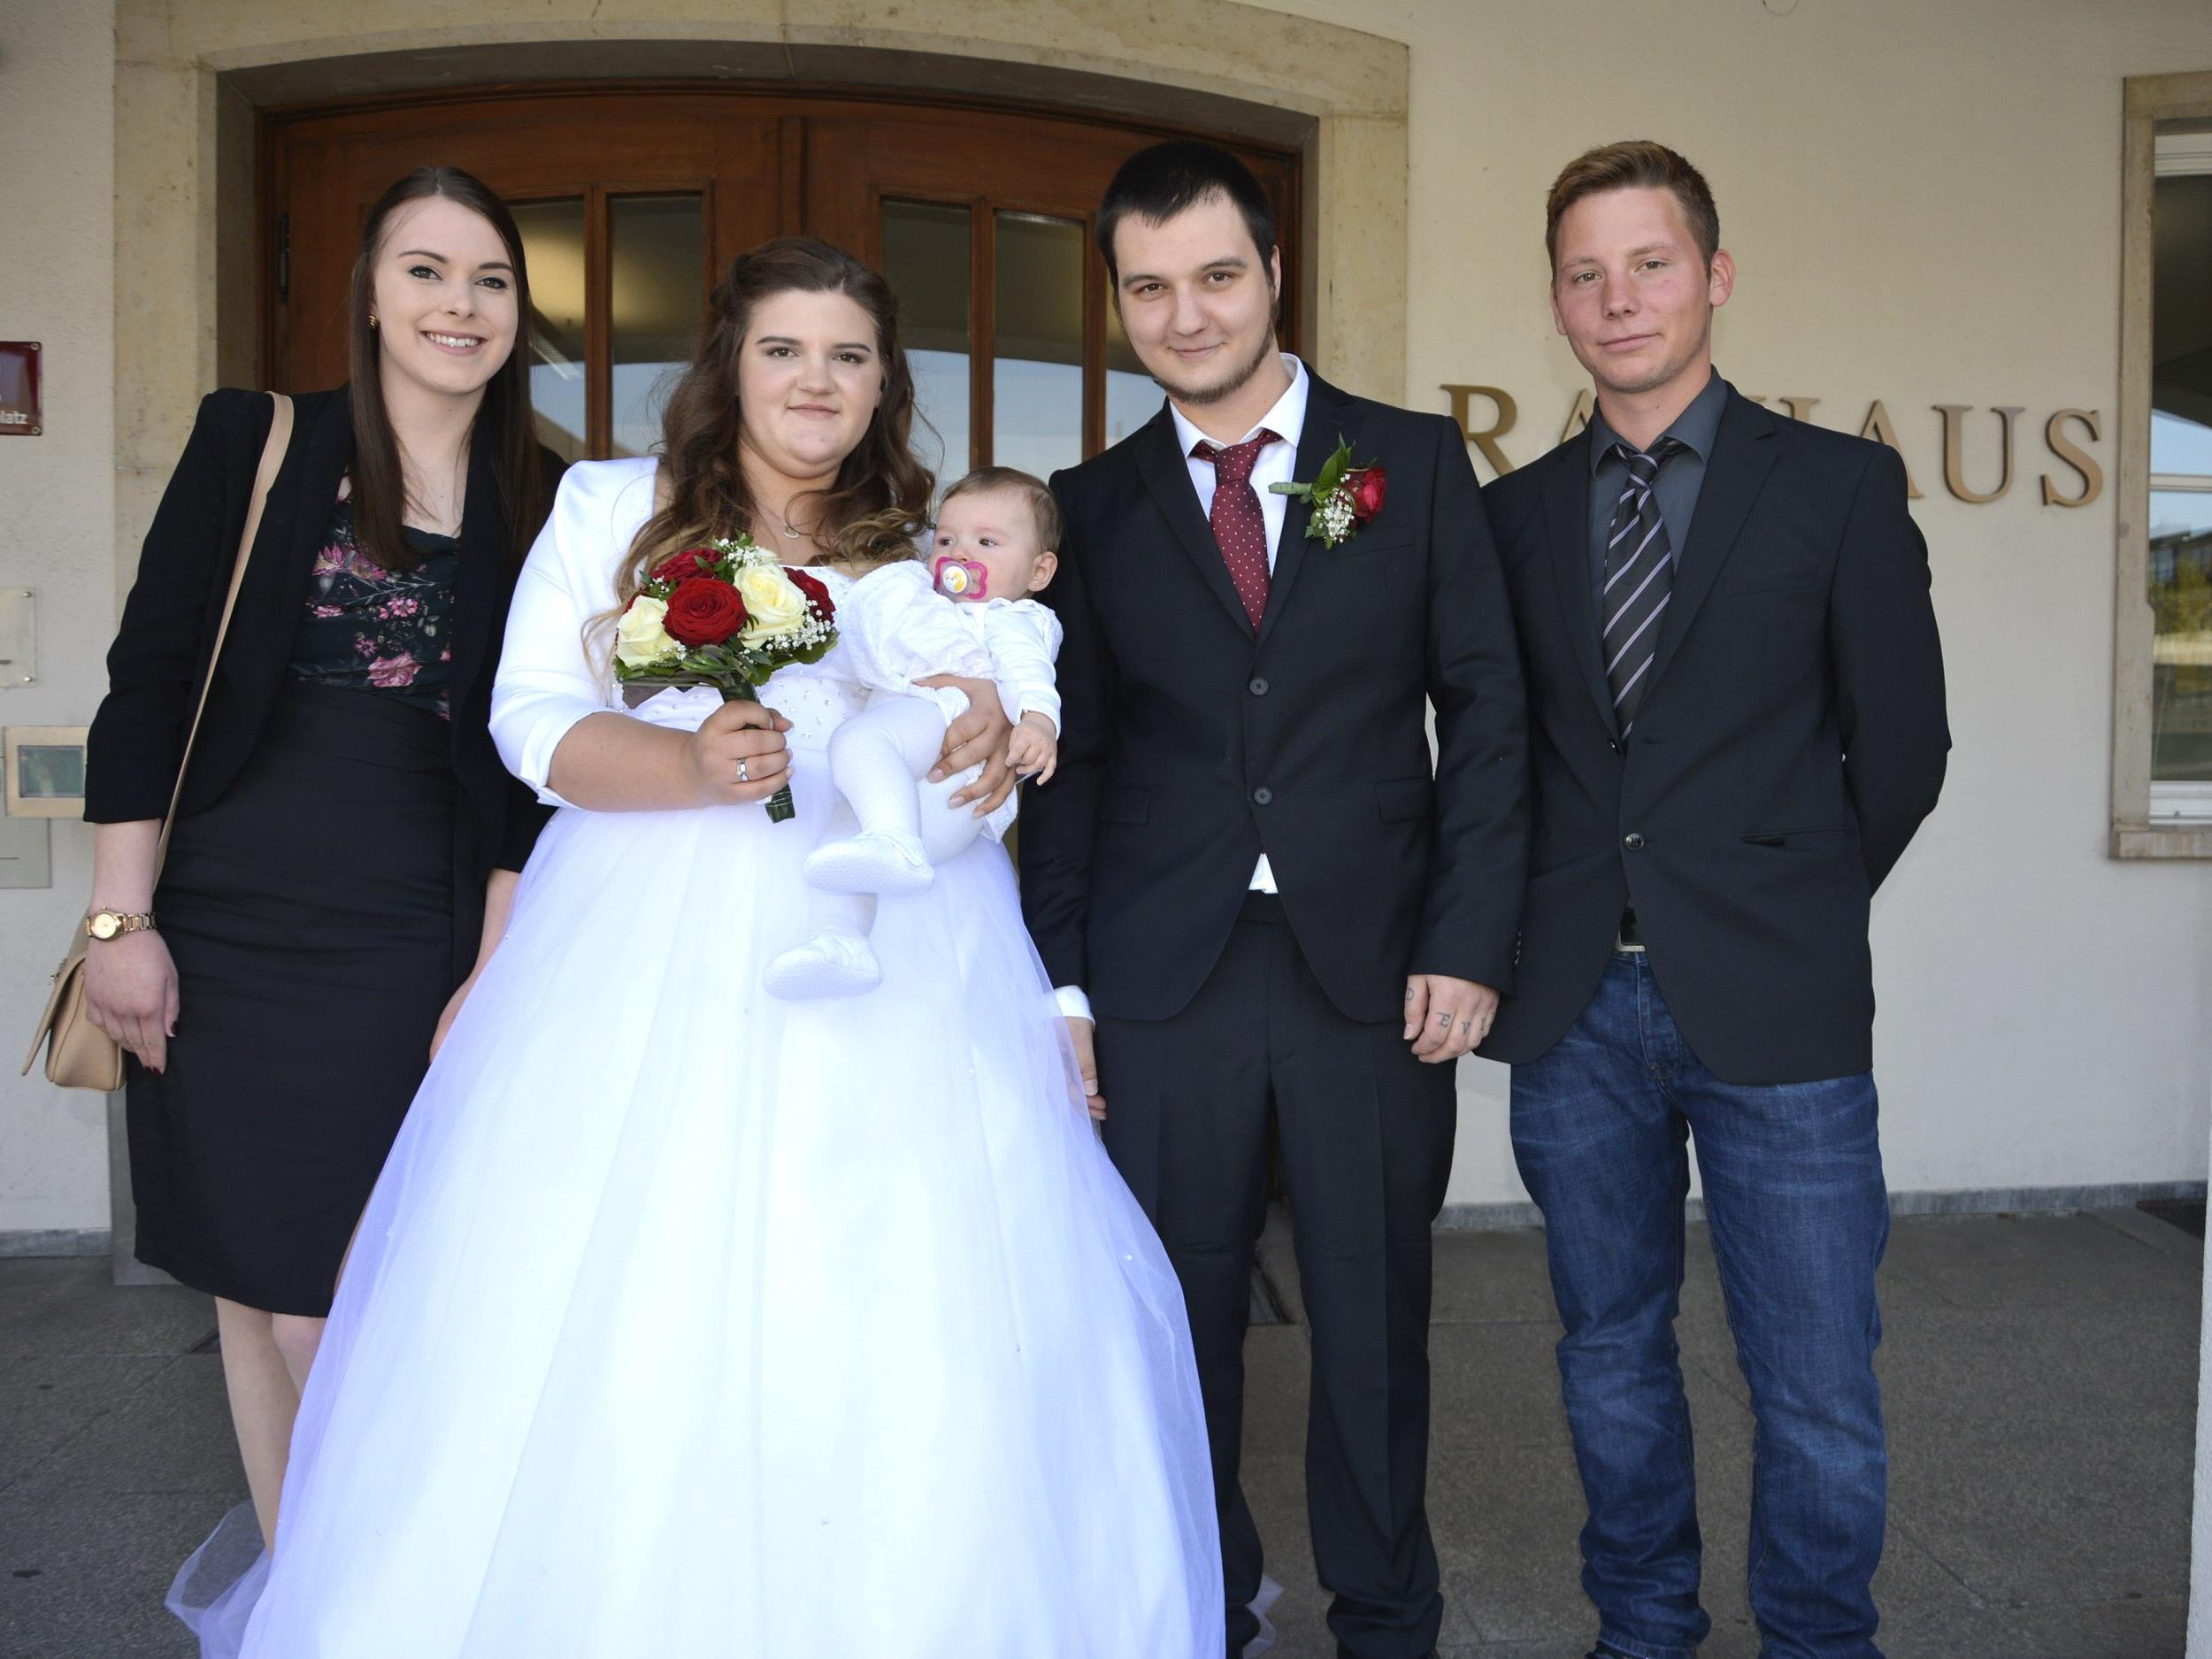 Das Brautpaar mit Töchterchen Mia Leia und den Trauzeugen beim Standesamt Dornbirn.